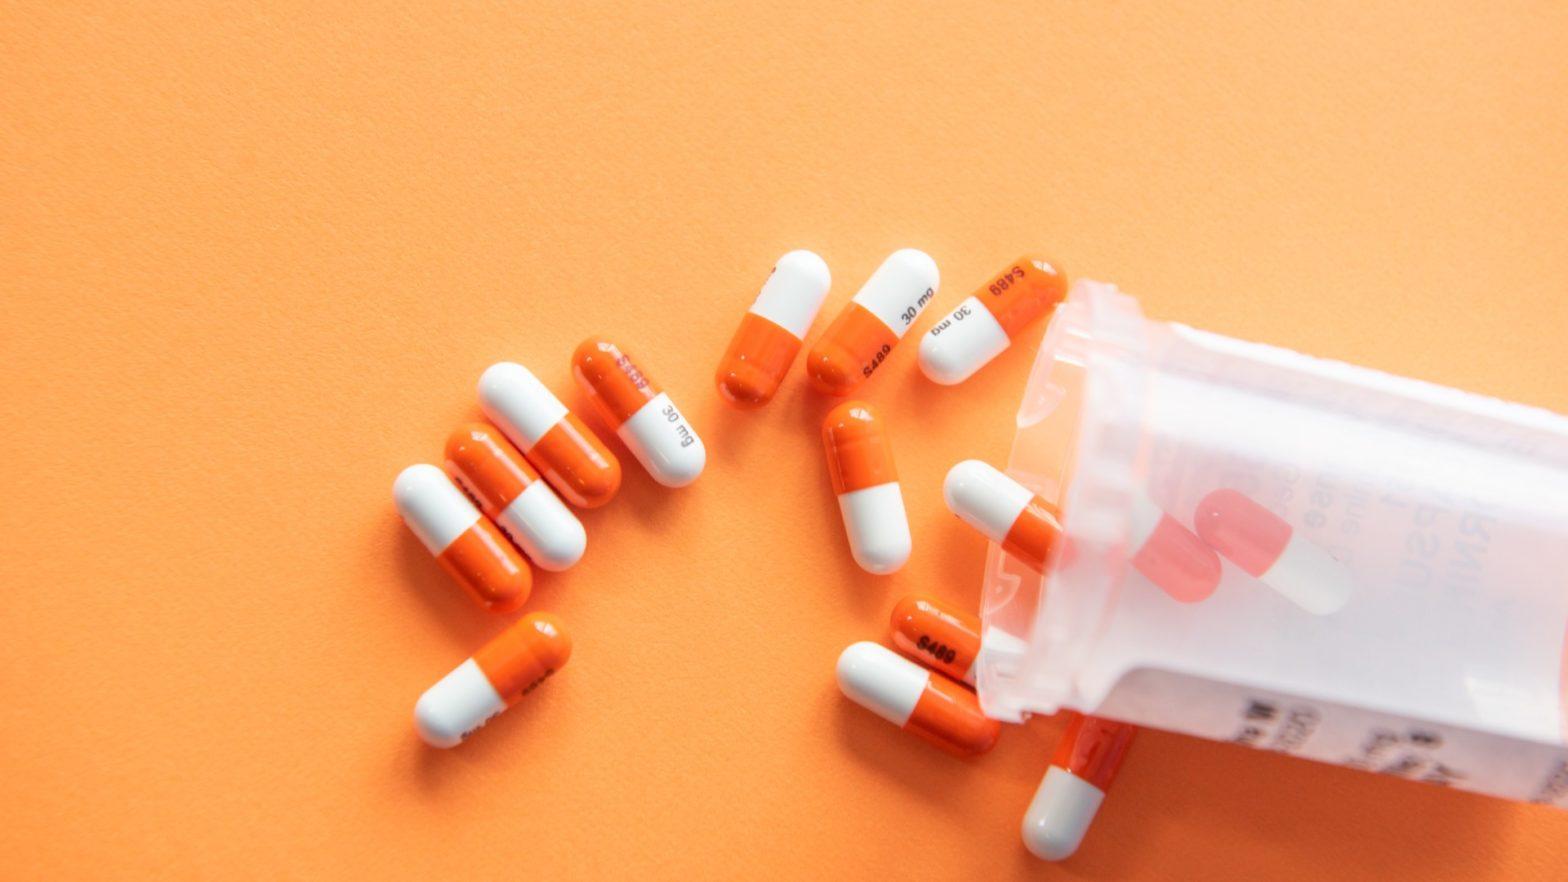 comprimidos espalhados por cima da mesa laranjada